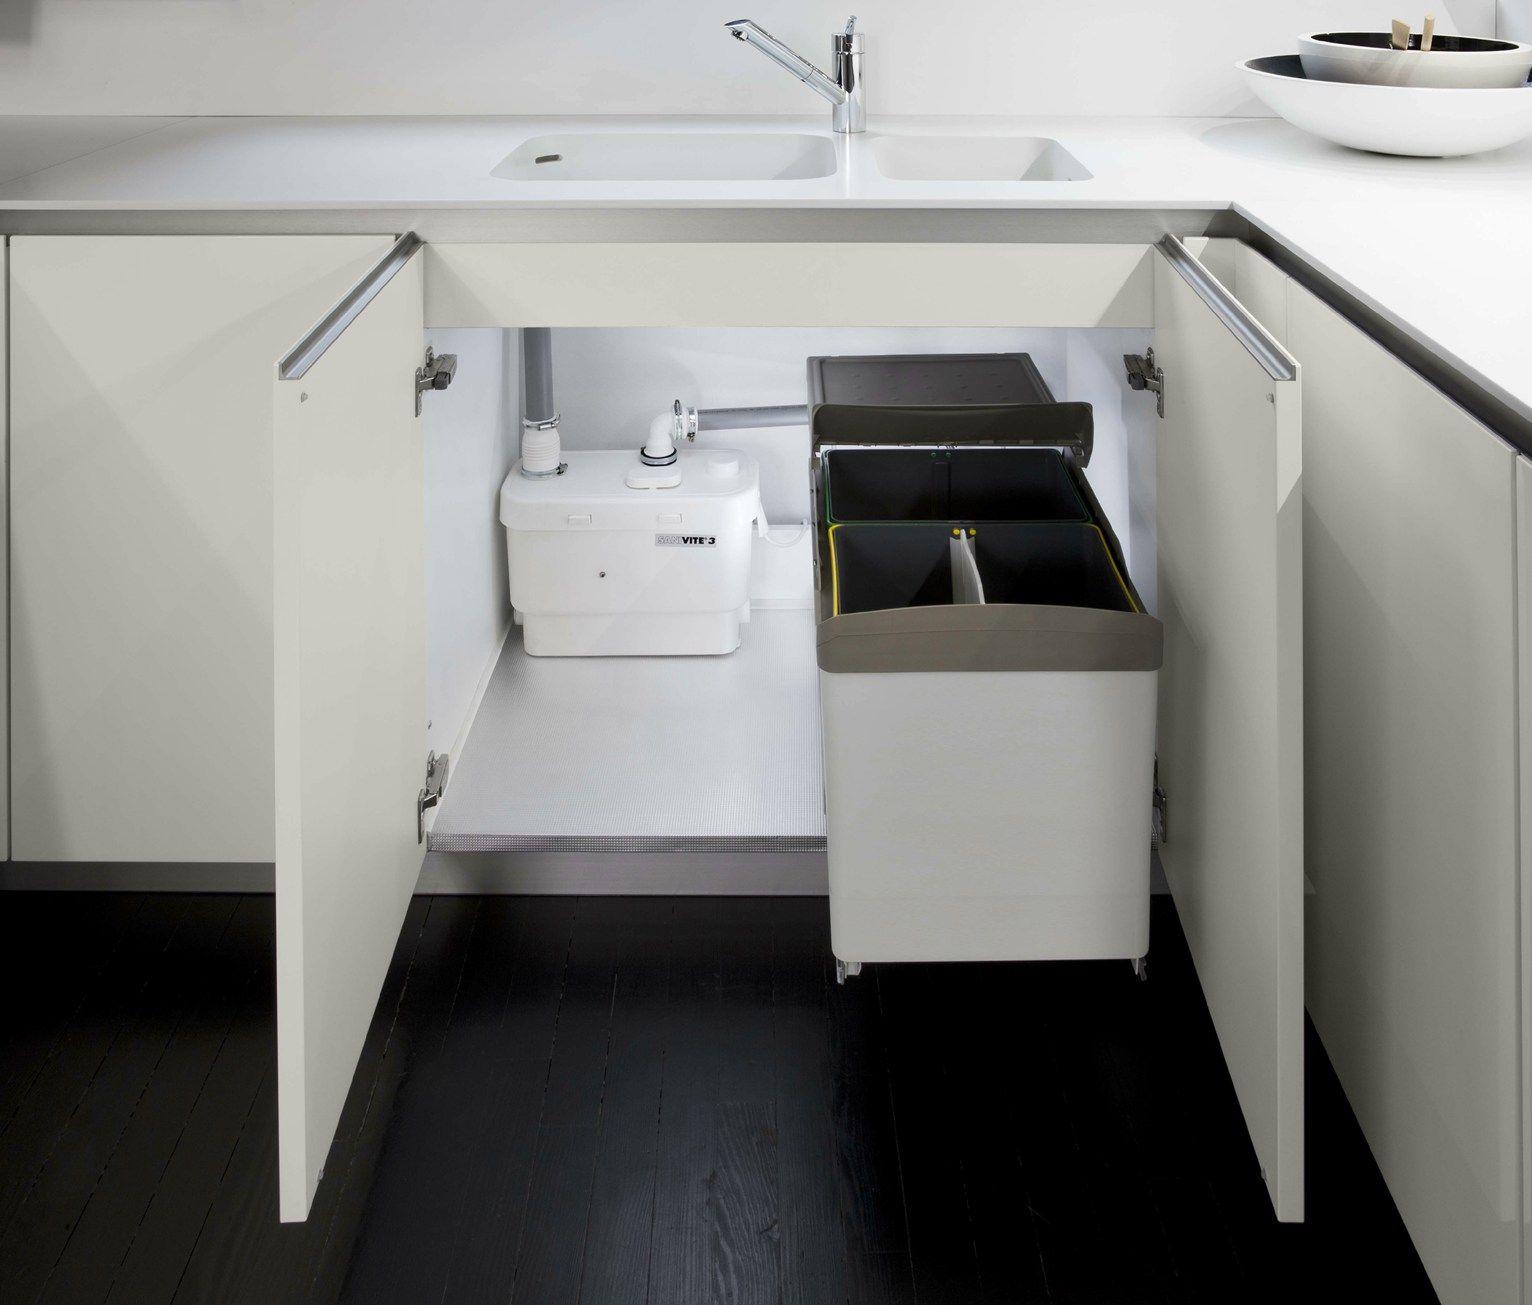 Pompa Per Scarico Lavello Cucina.Sanivite Di Sanitrit La Pompa Per Acque Chiare Che